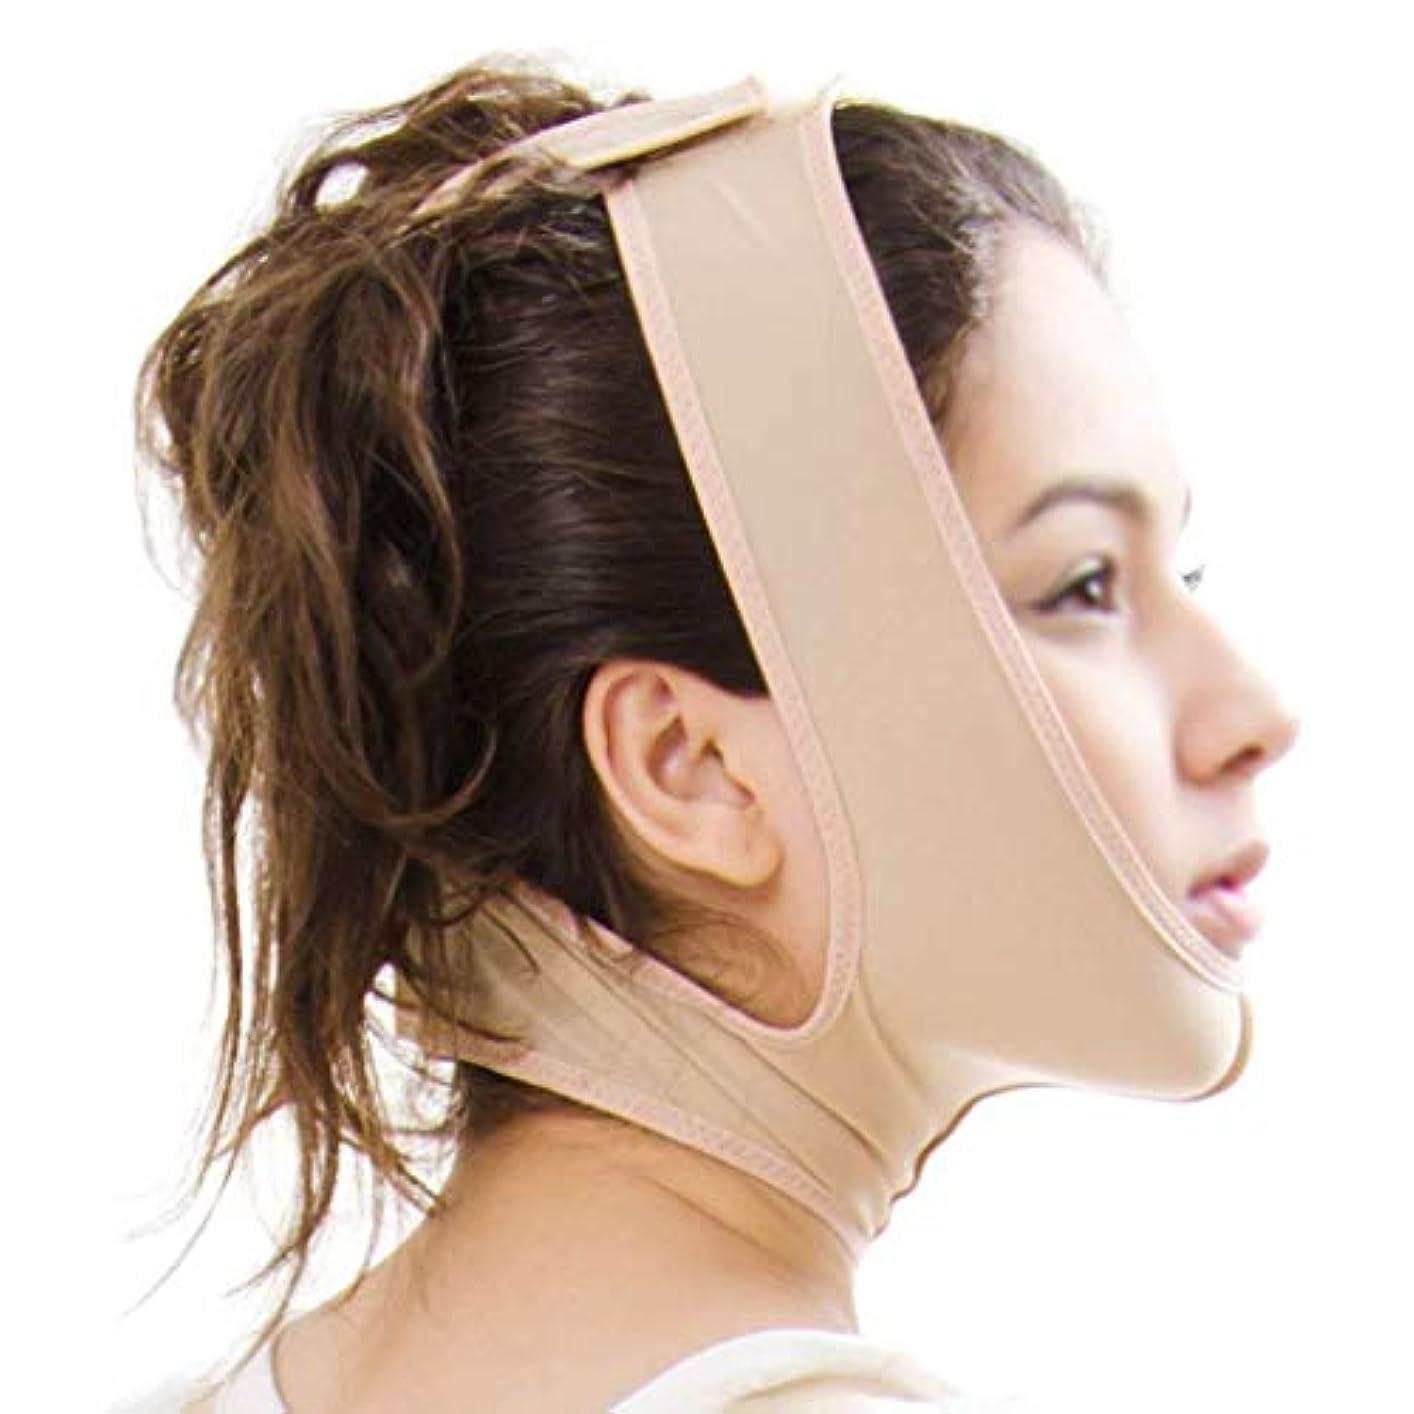 保証ビバスポーツマン顔のリフティング包帯、あごの首と首のあごの二重顔、脂肪吸引術、術後創傷マスク(サイズ:XXL)